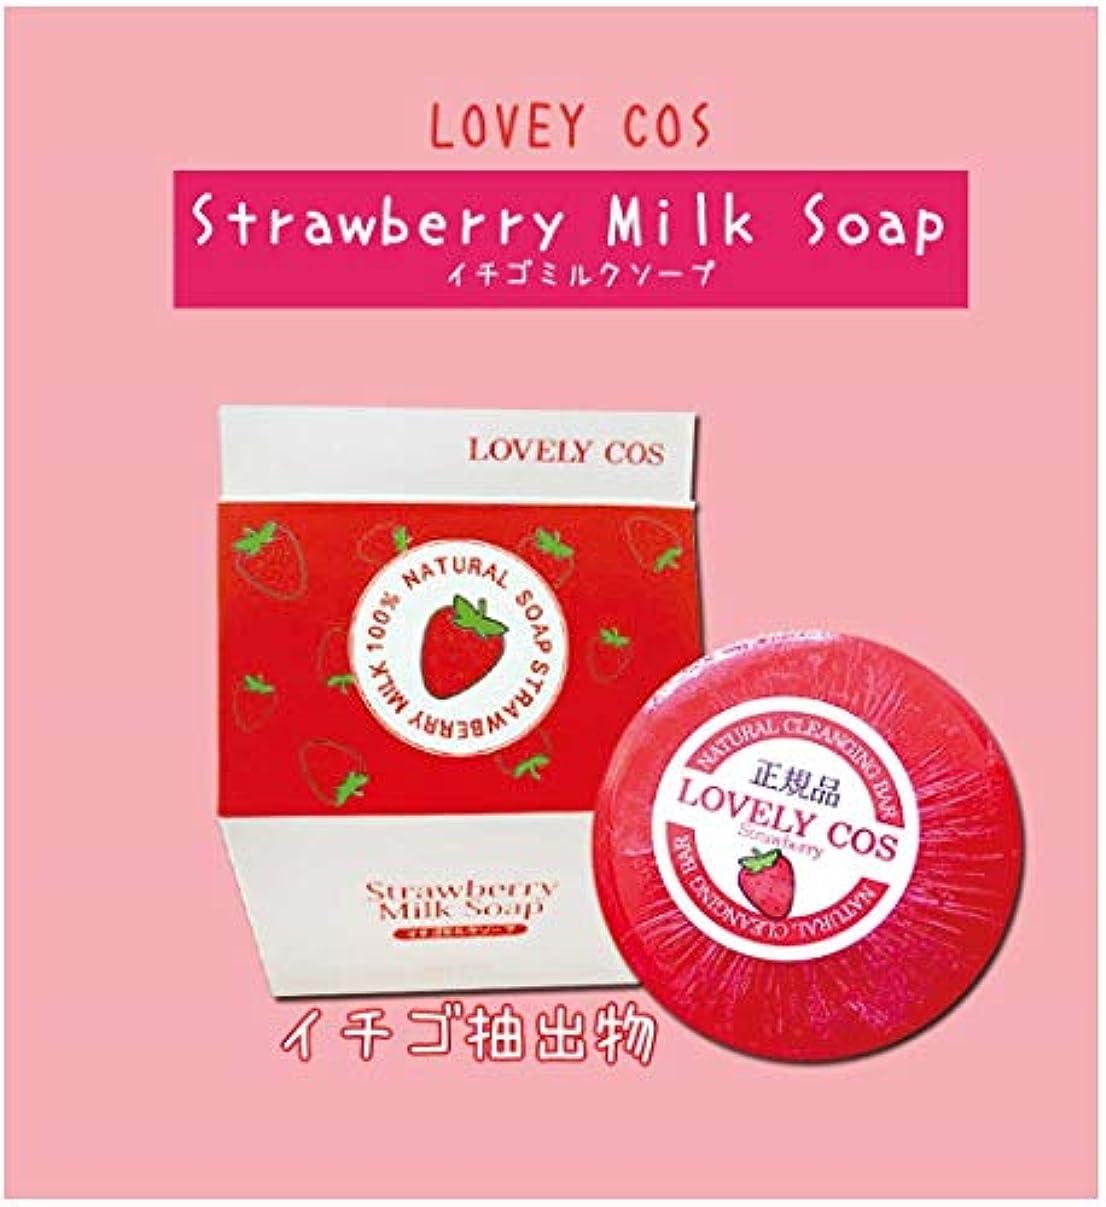 パラダイス行商ボタンDermal ダーマル LOVELY COS ラブリーコス Strawberry Milk Soap ストロベリーミルクソープ イチゴミルクソープ